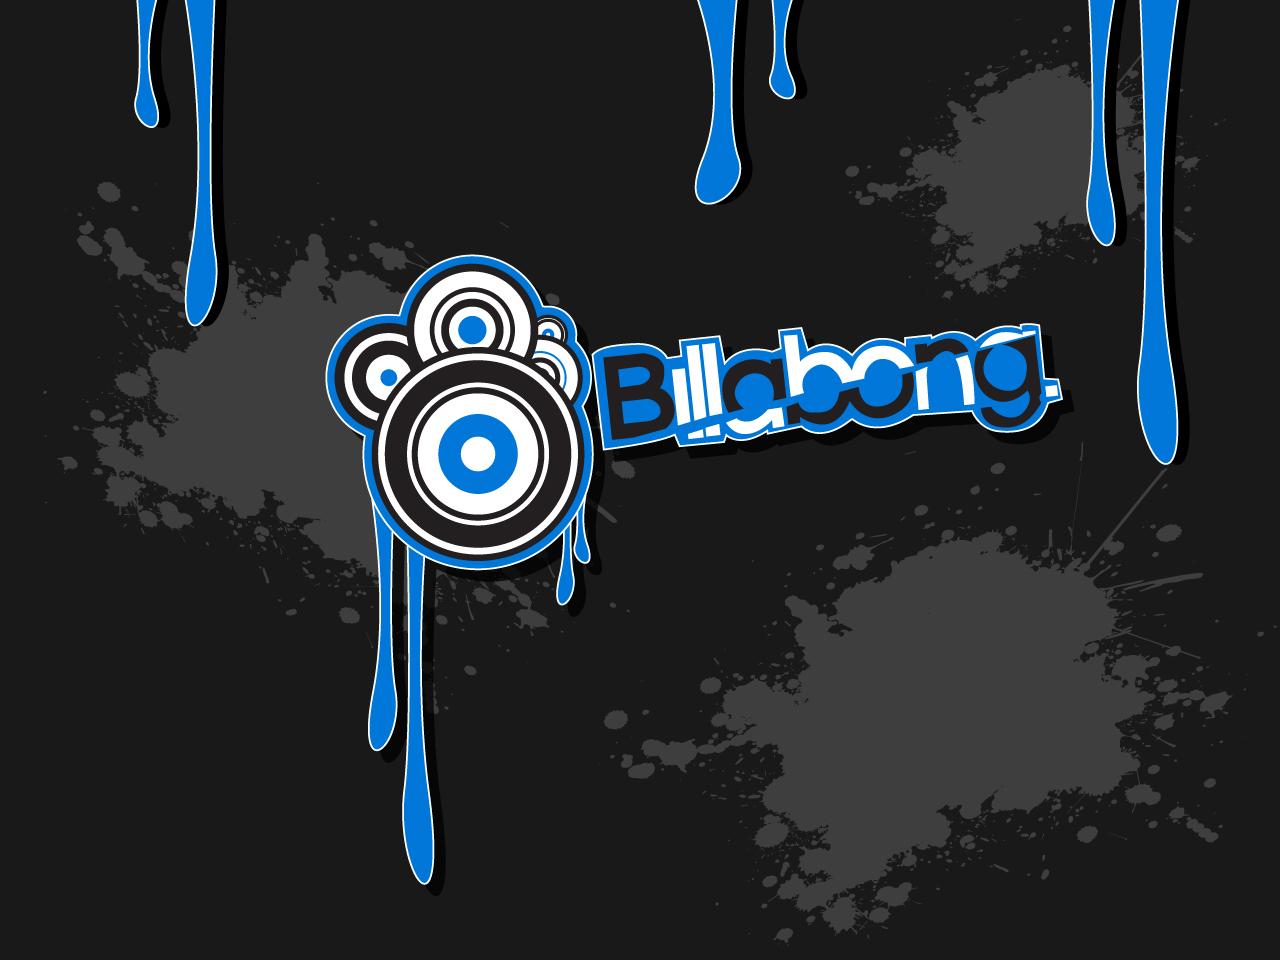 Billabong wallpapers 1280x960